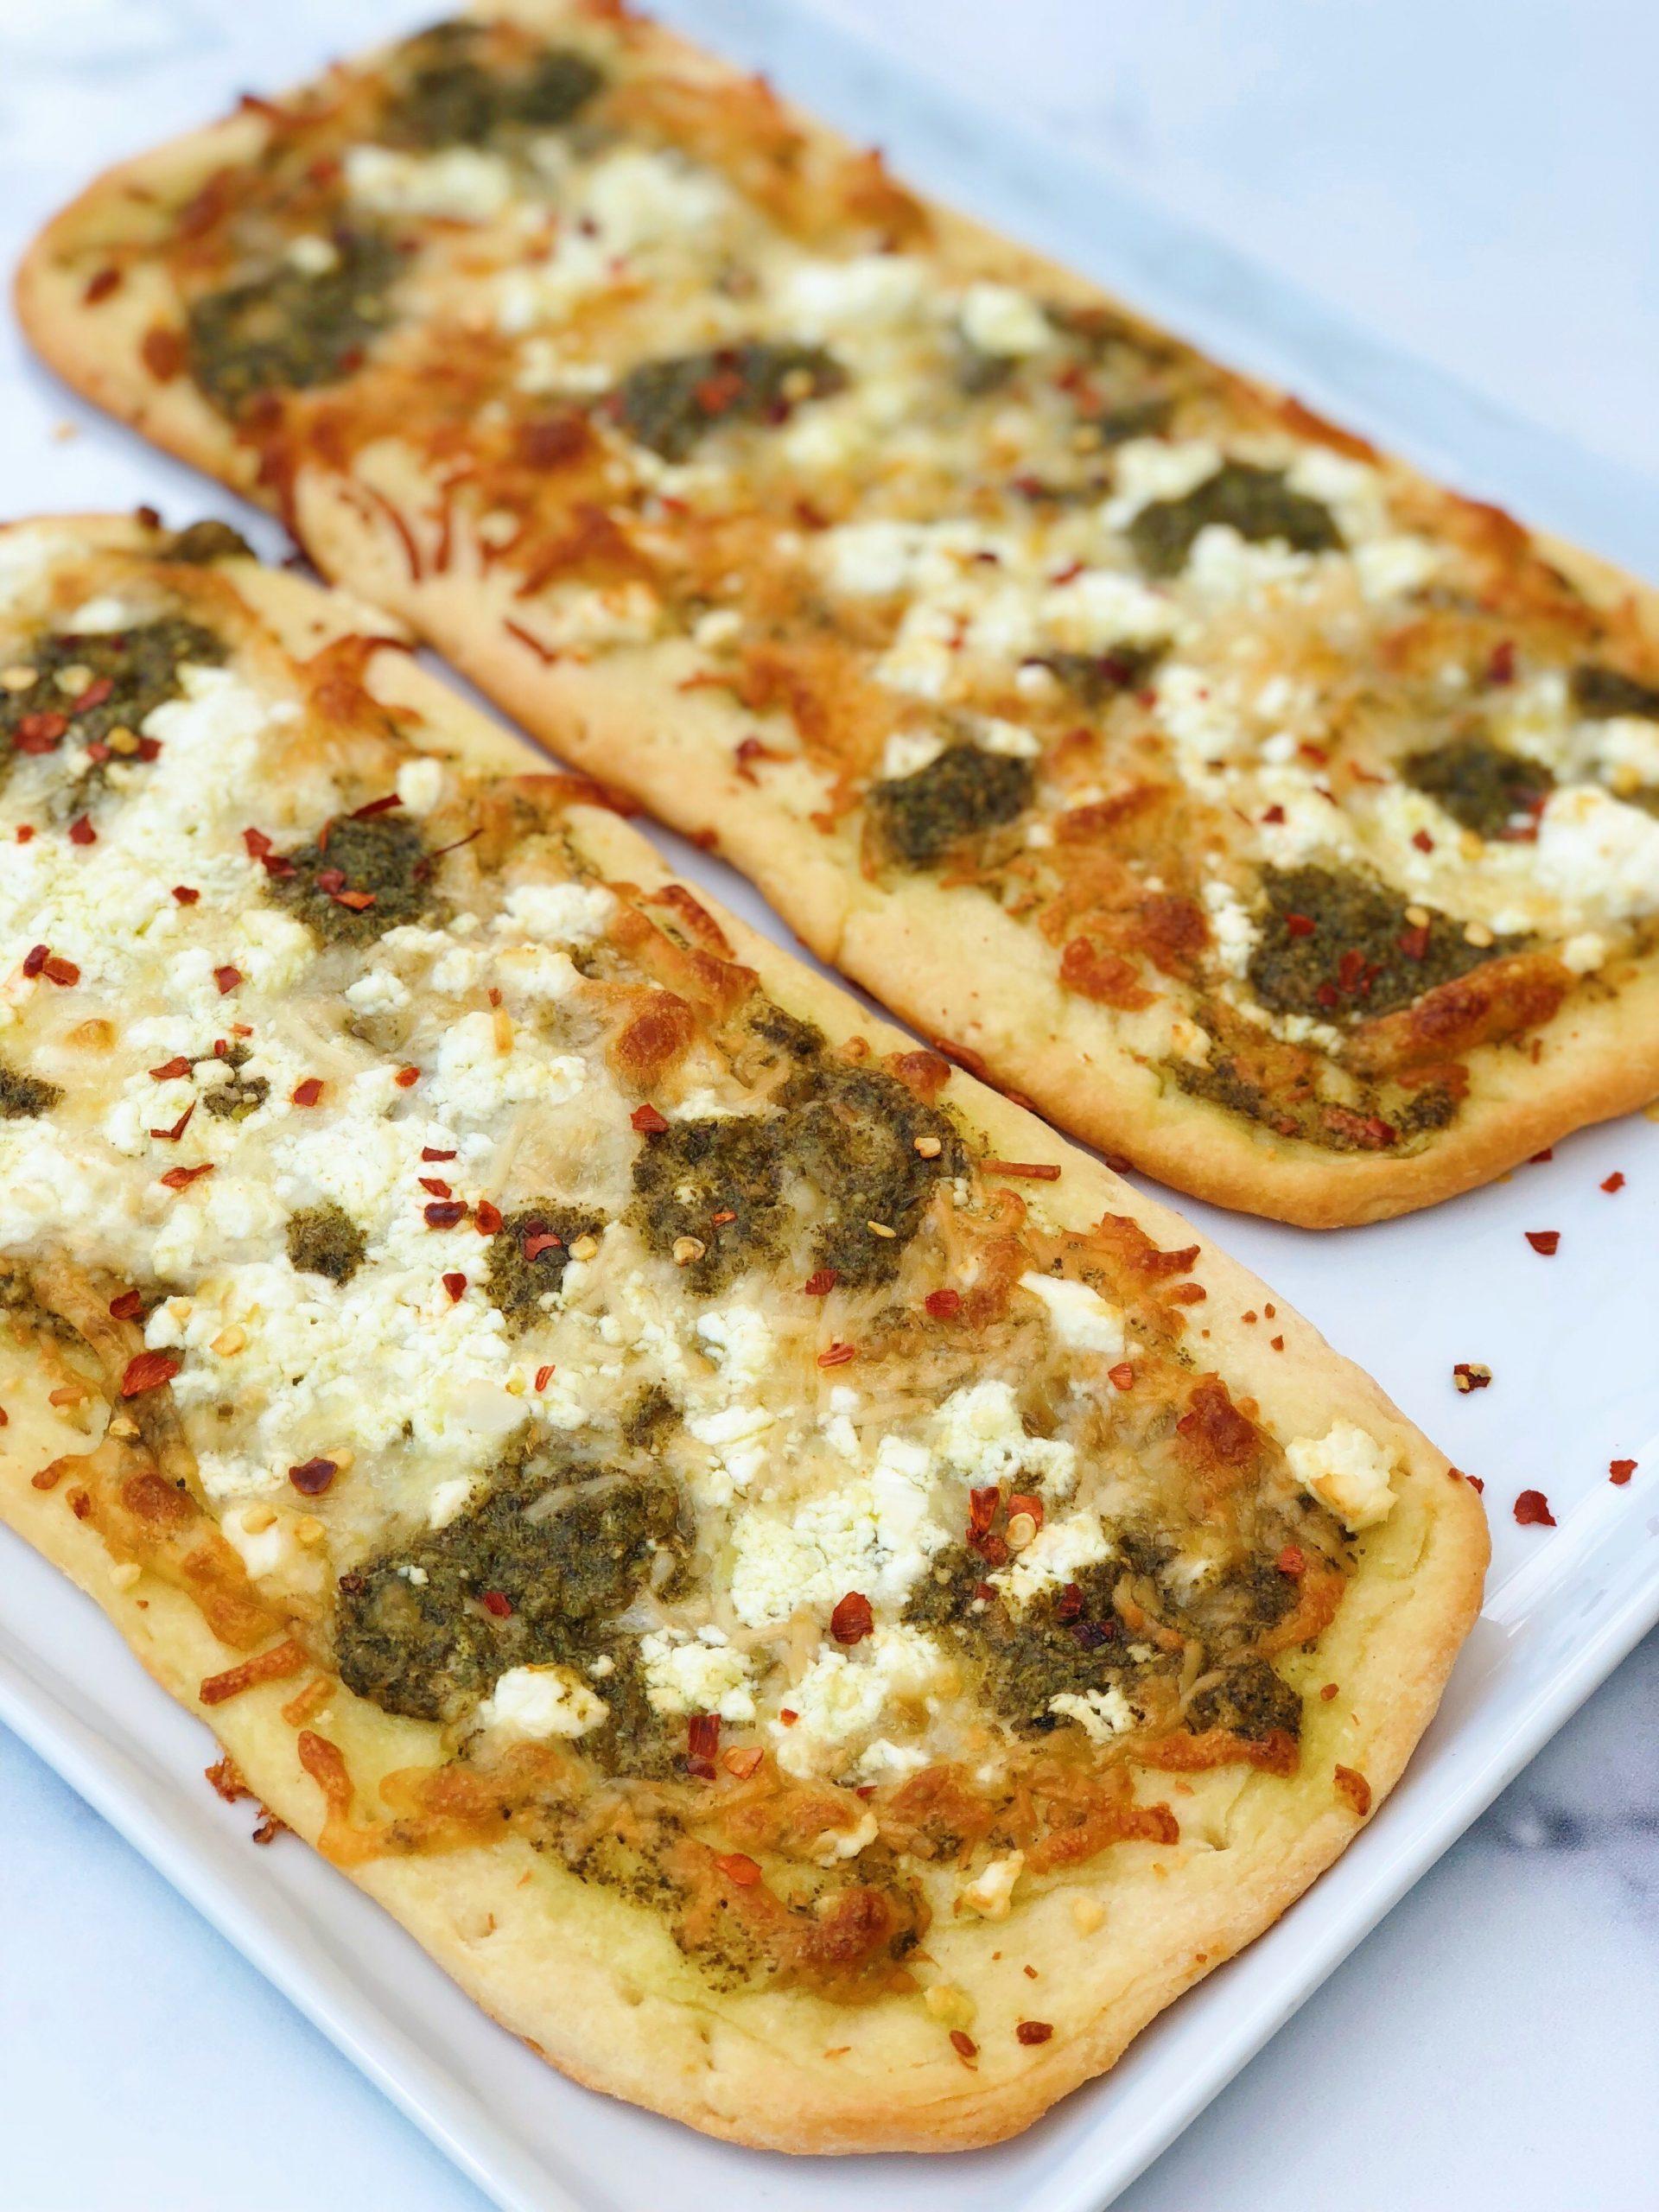 Pesto Feta Flatbread